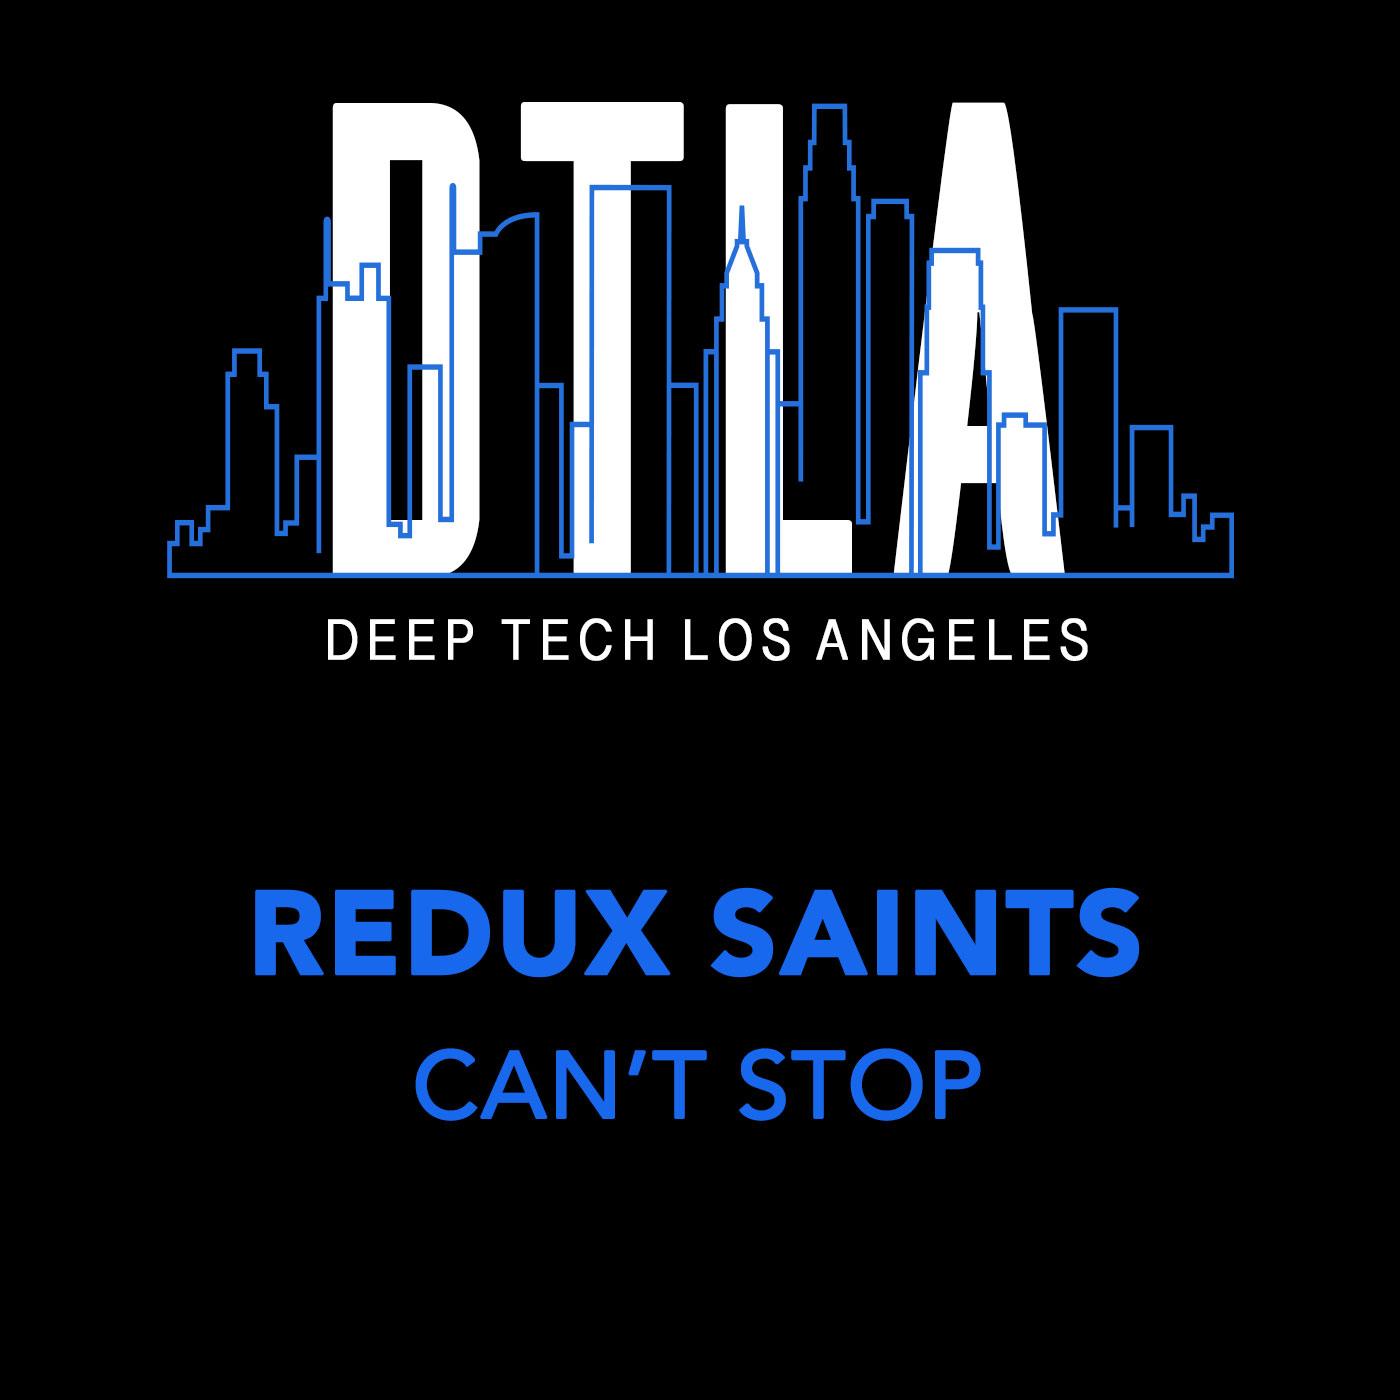 Redux-Saints - Can't-Stop Packshoot.jpg